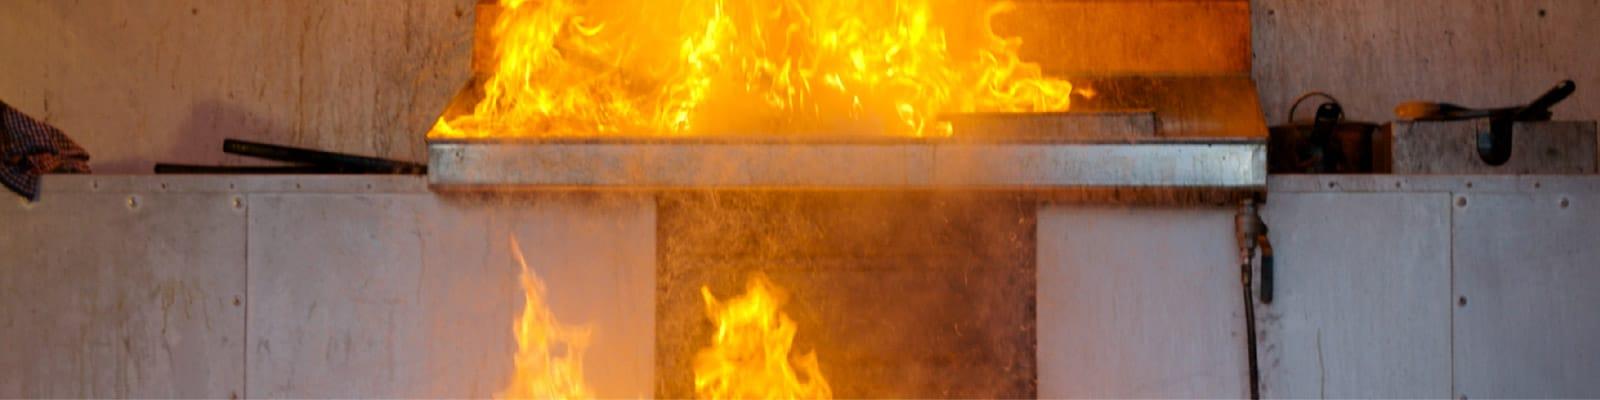 Kitchen-Fire---Fire-Damage-Restoration